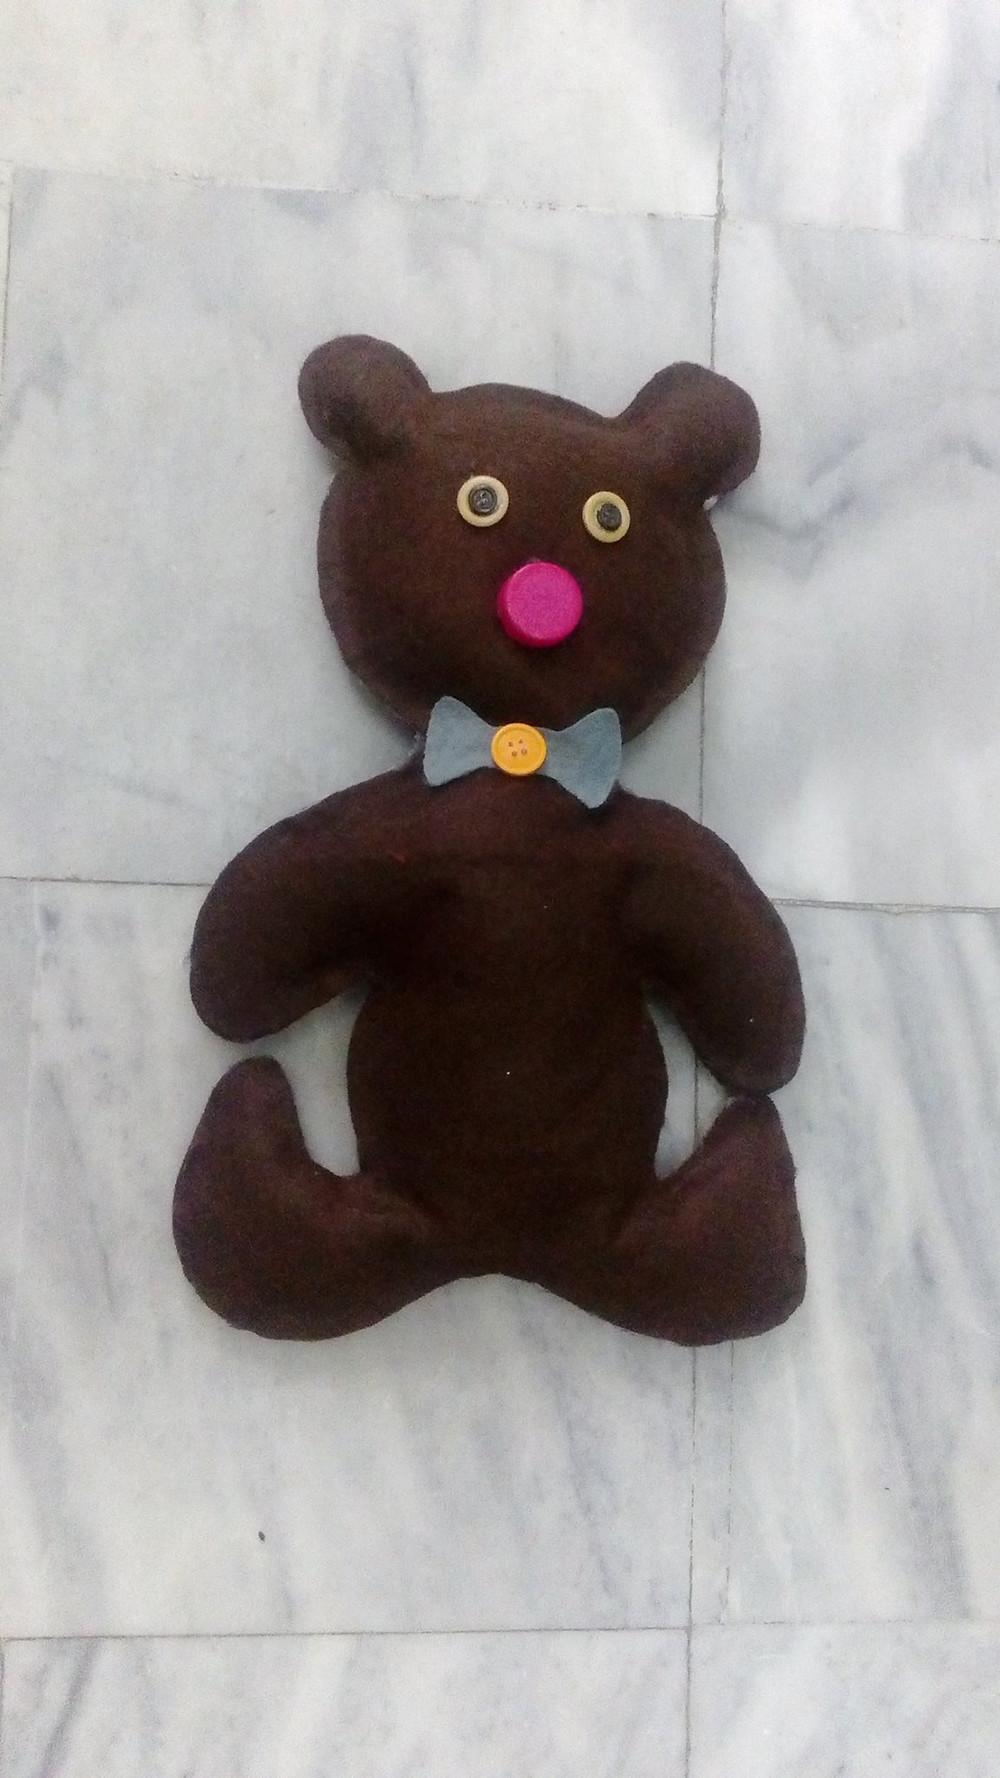 """κούκλα Φιλανδικού παραμυθιού """"How the bear lost its tail"""""""